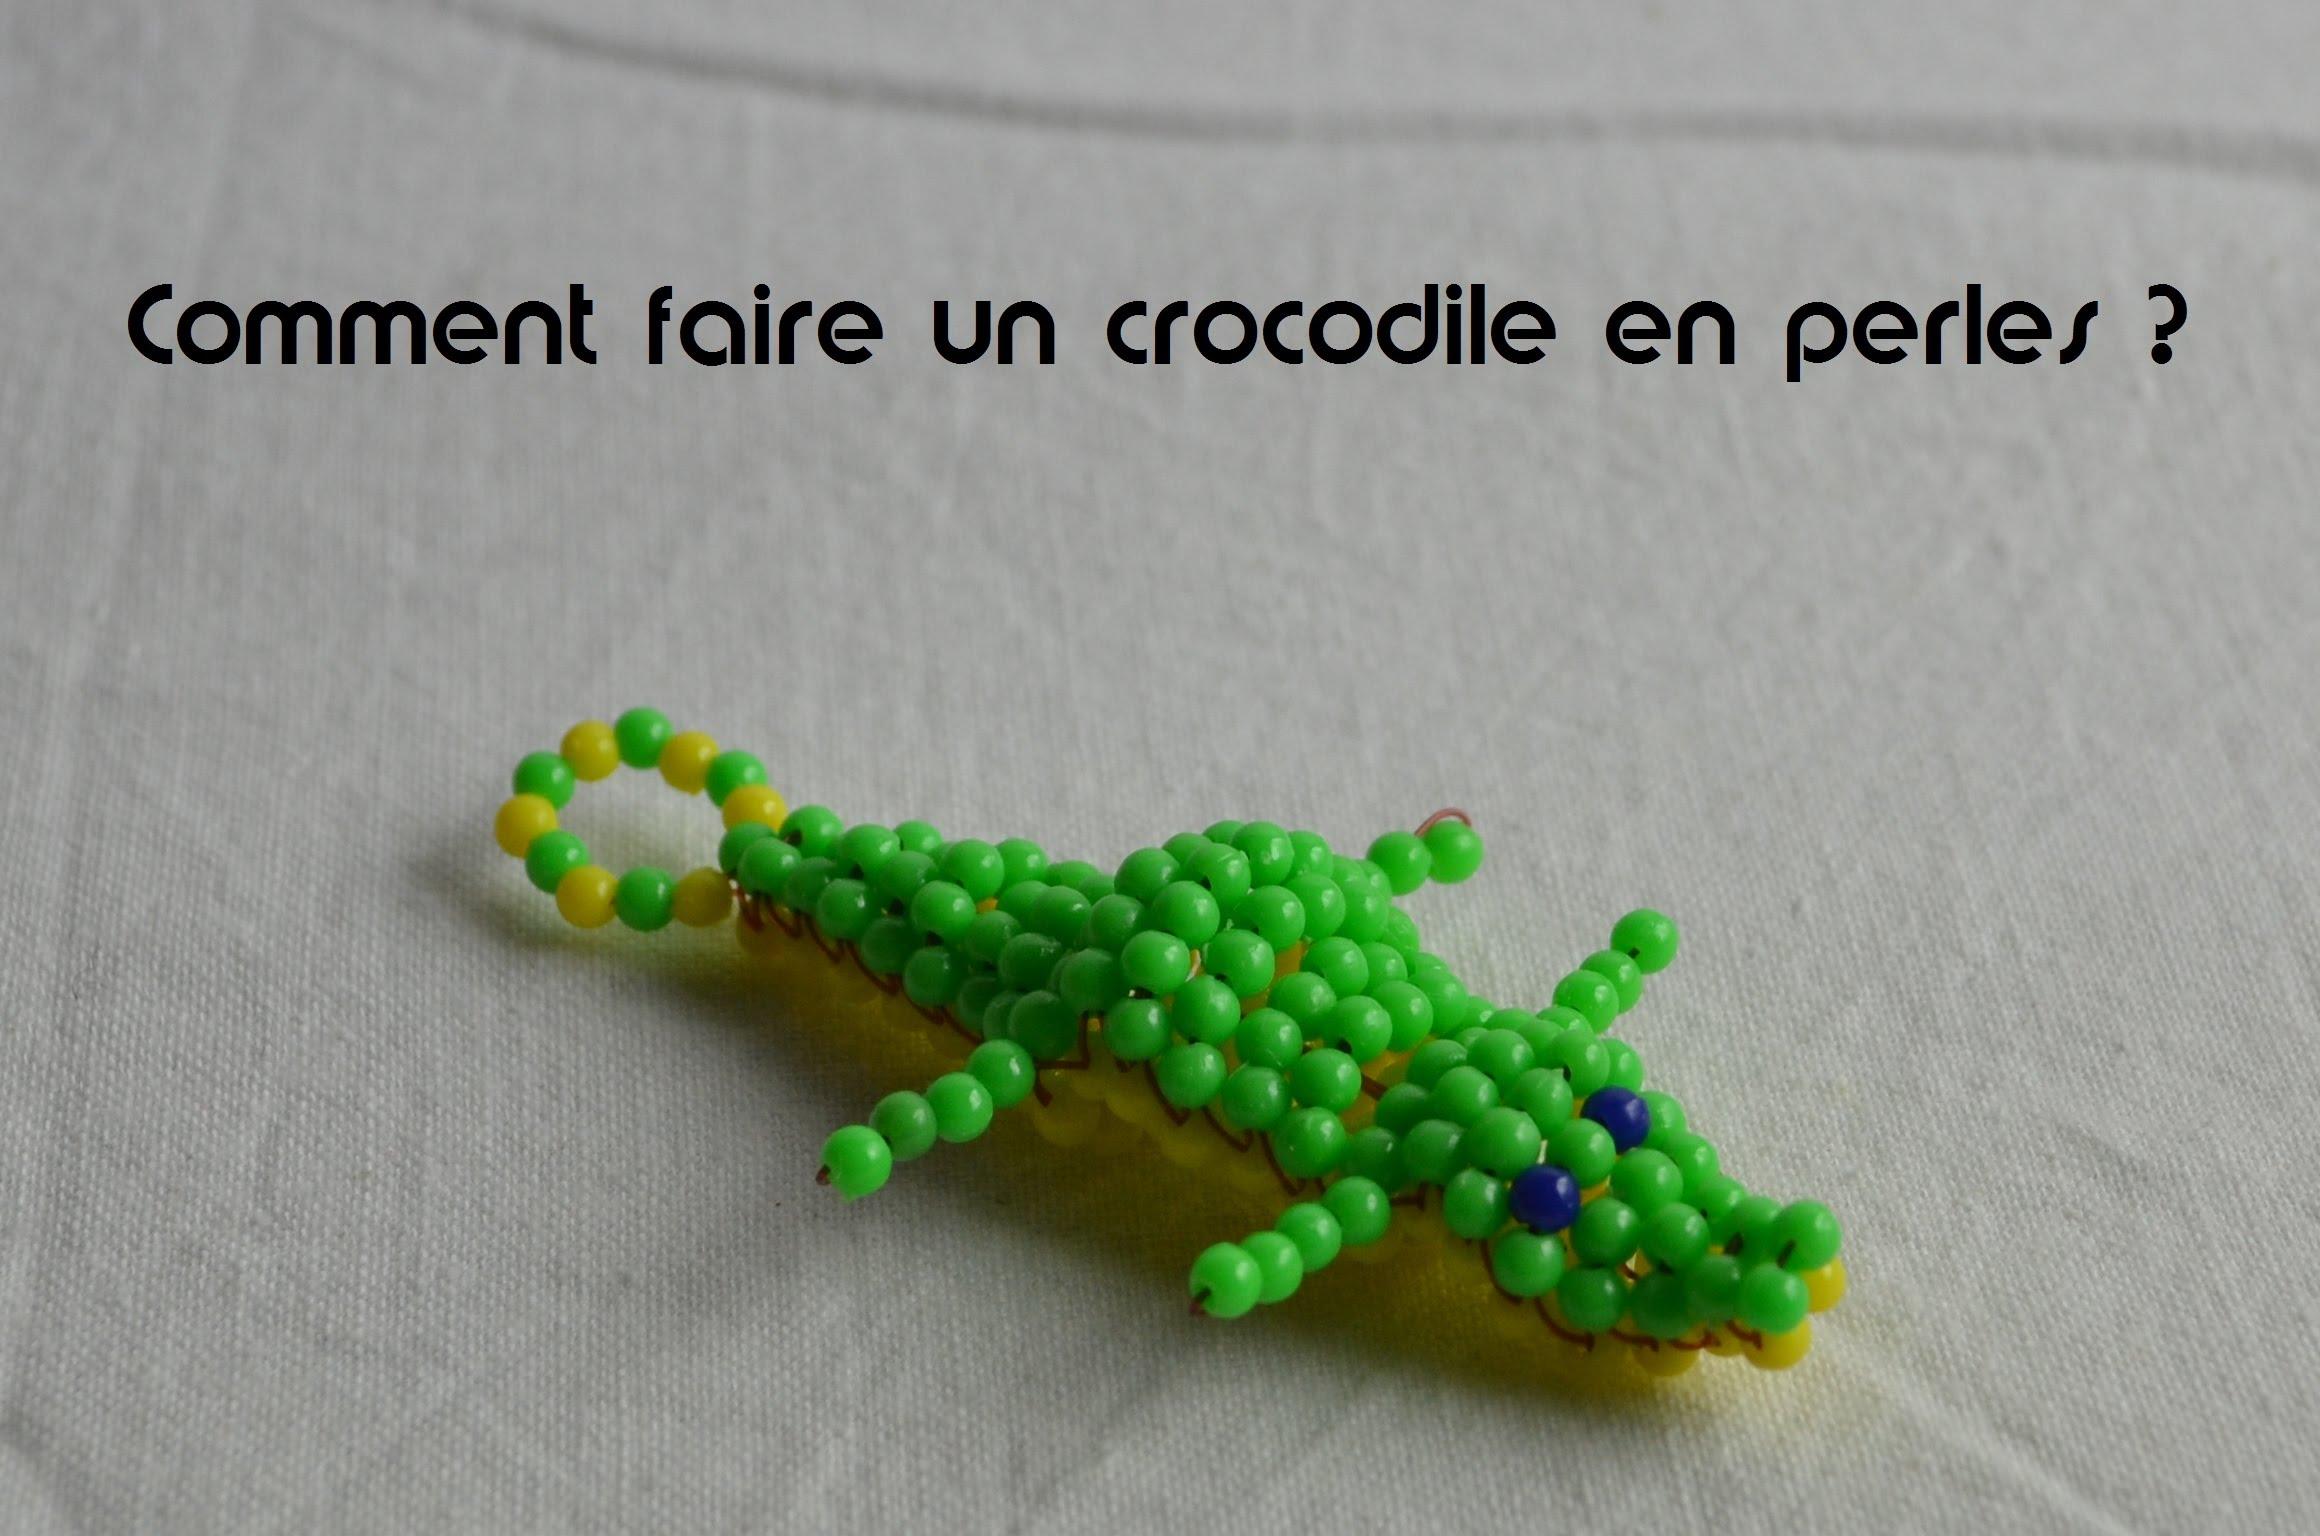 Comment faire un crocodile en perle ?